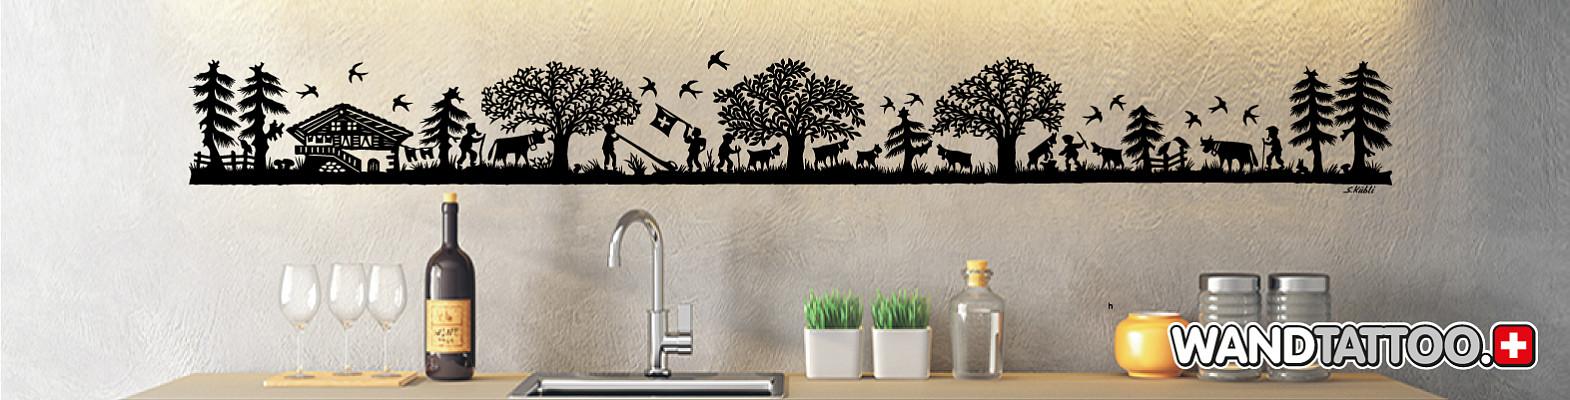 Wandtattoo Wallprints Wand Dekoration Wandtattoos 3d Sticker Online Kaufen